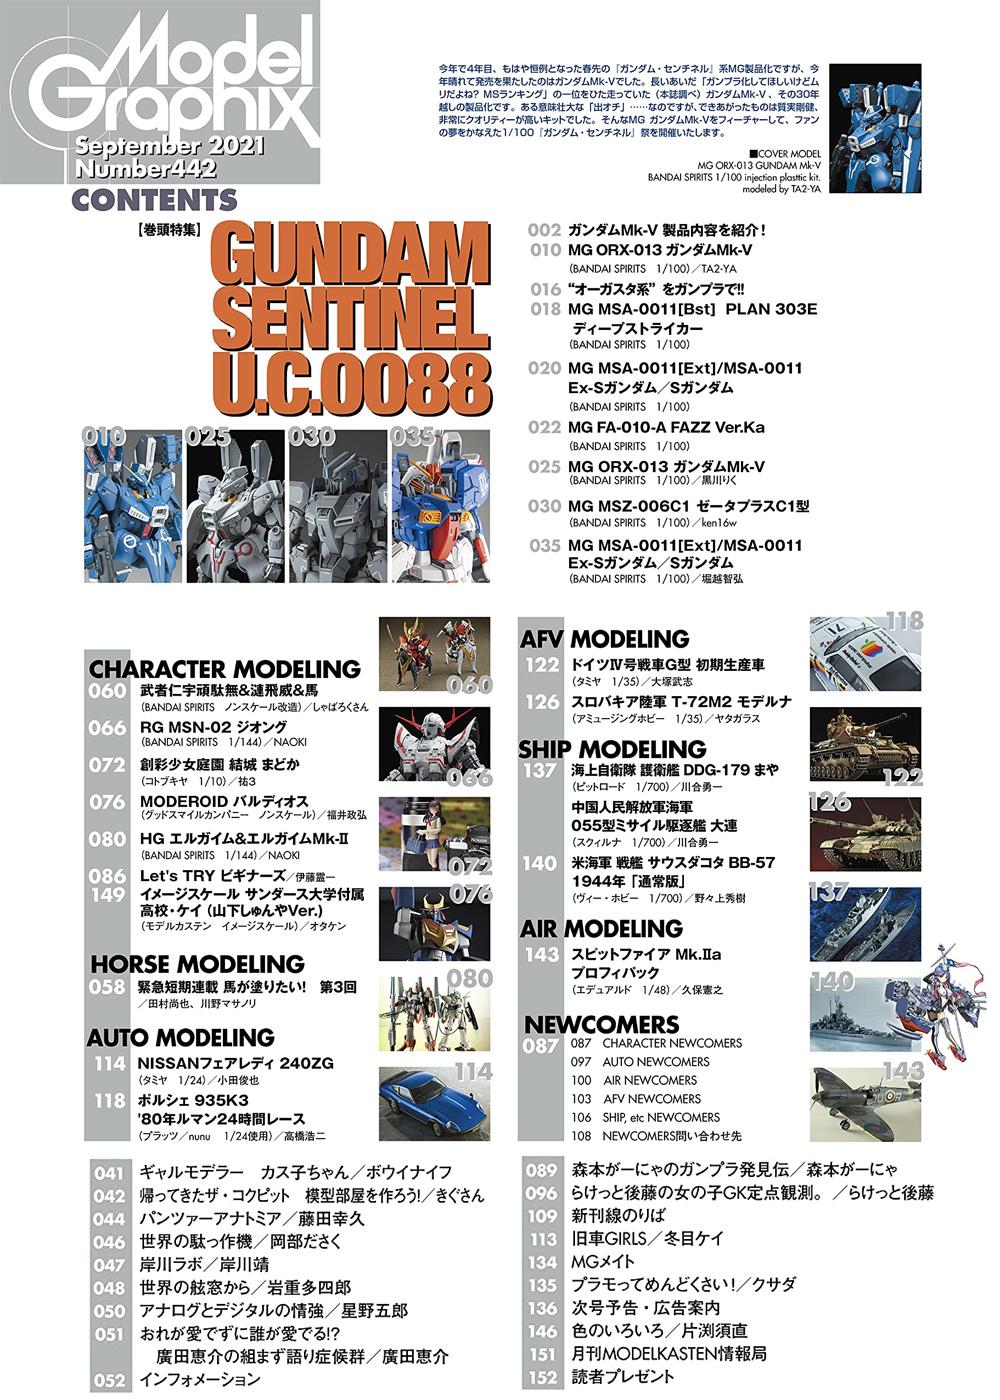 モデルグラフィックス 2021年9月号雑誌(大日本絵画月刊 モデルグラフィックスNo.442)商品画像_1